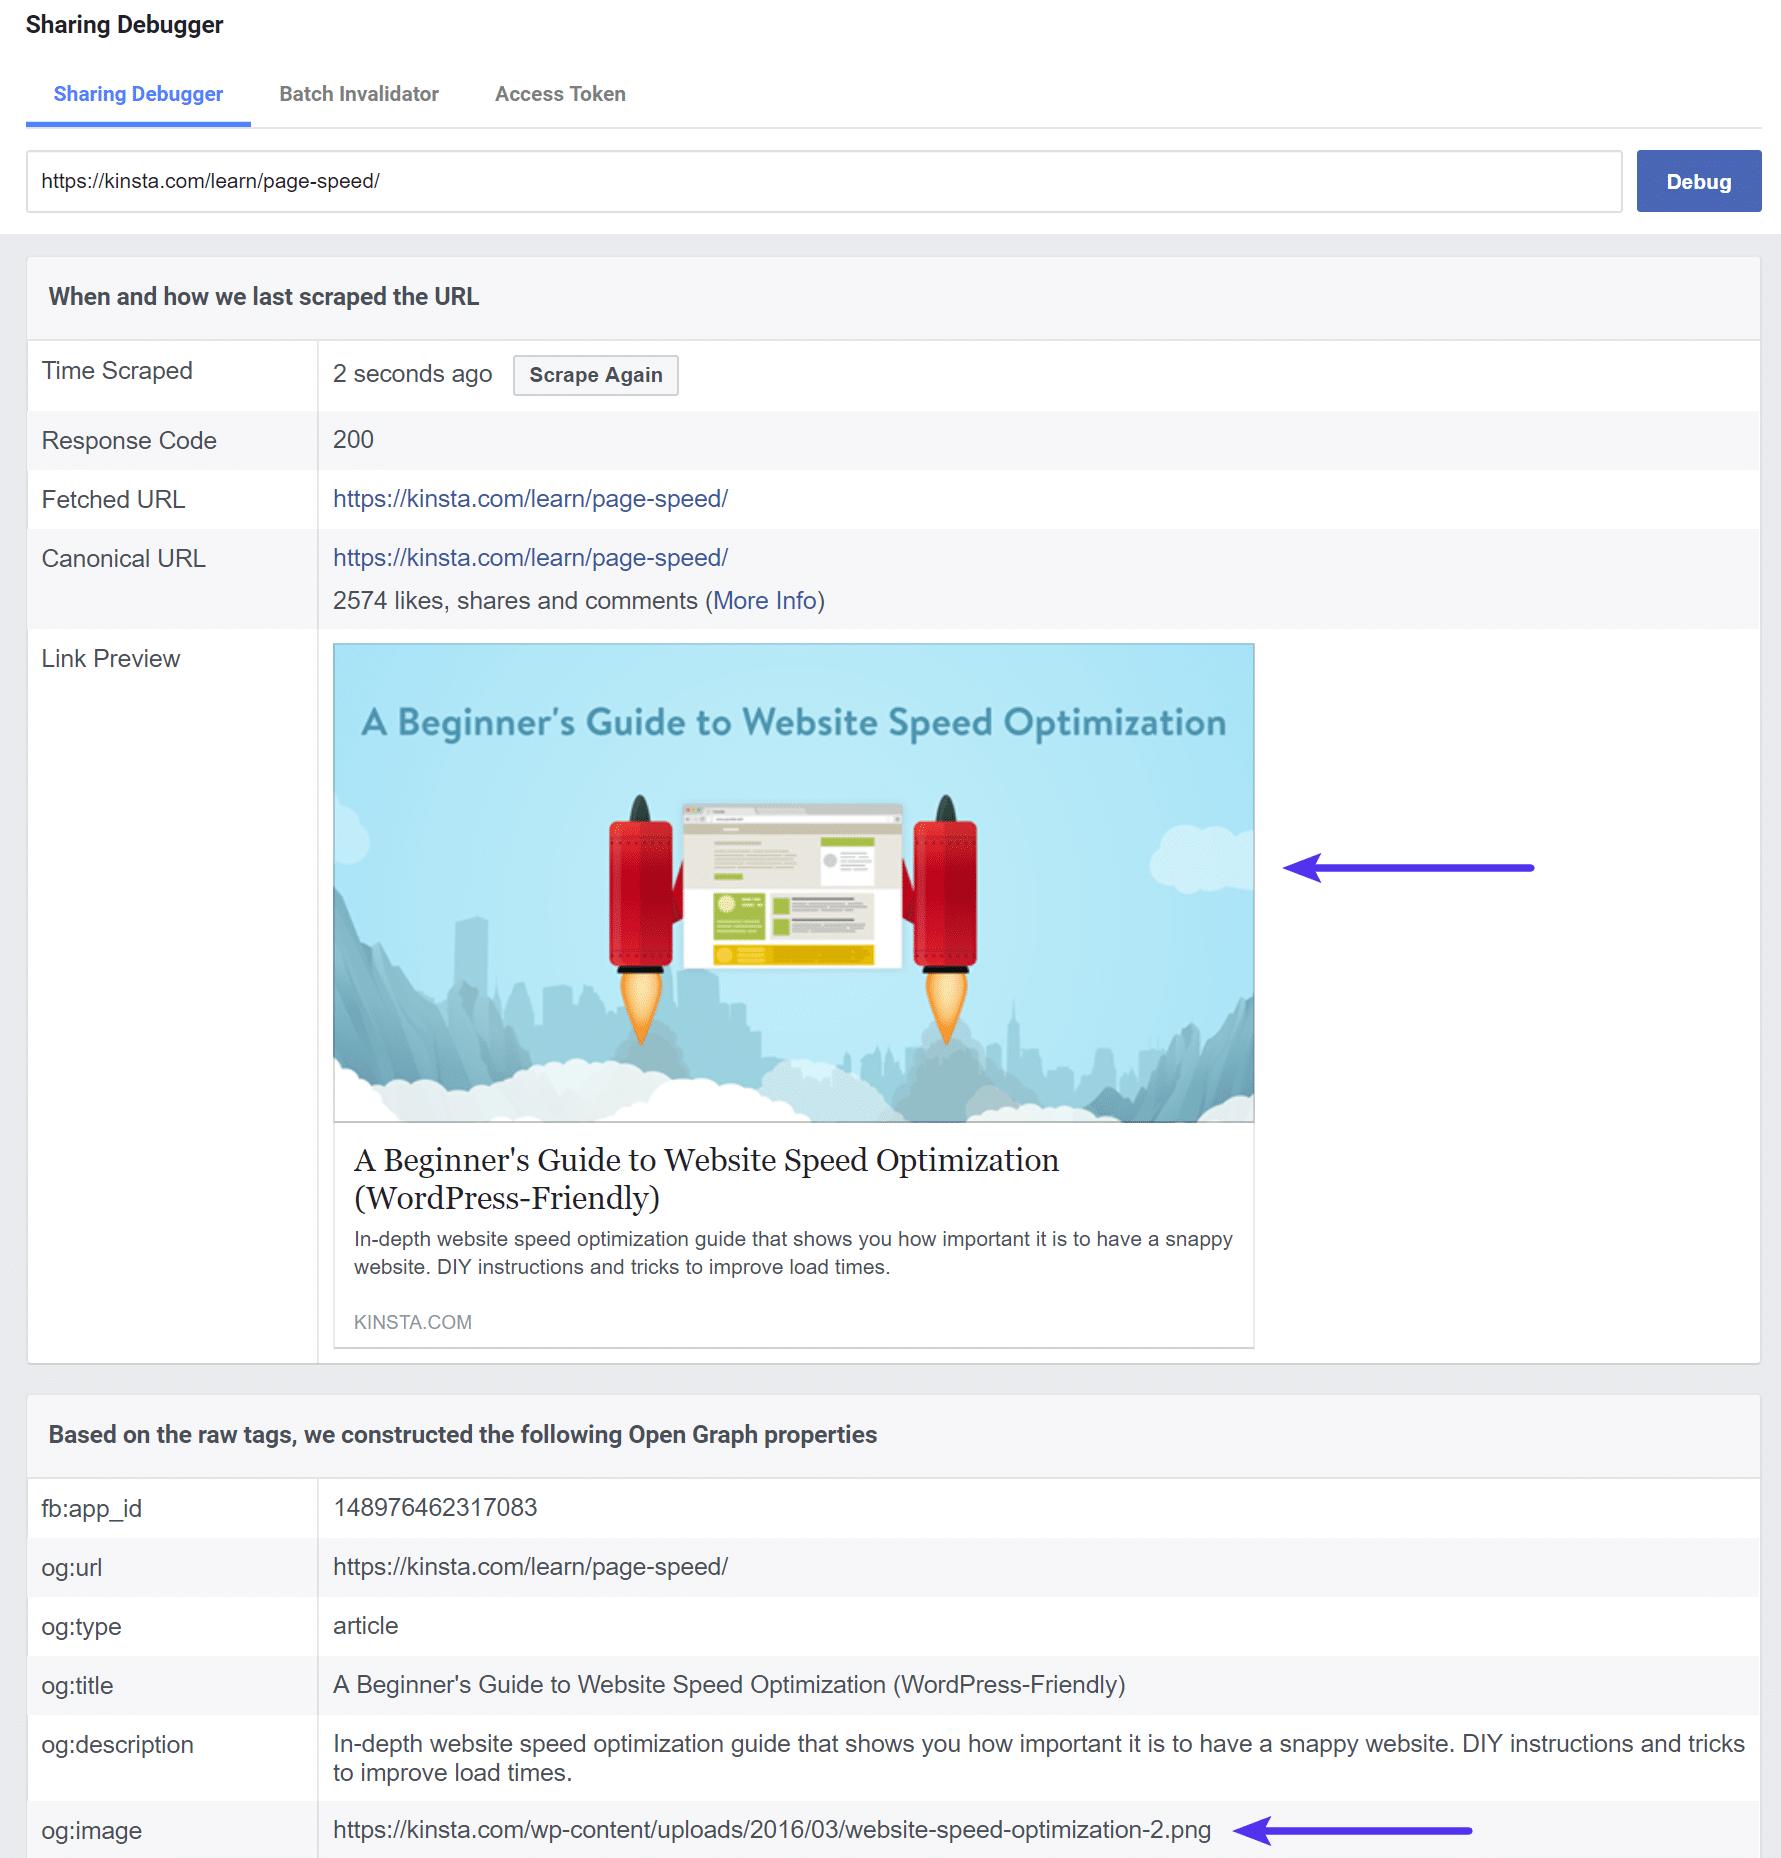 Nyt billede i Facebook Debugger værktøj